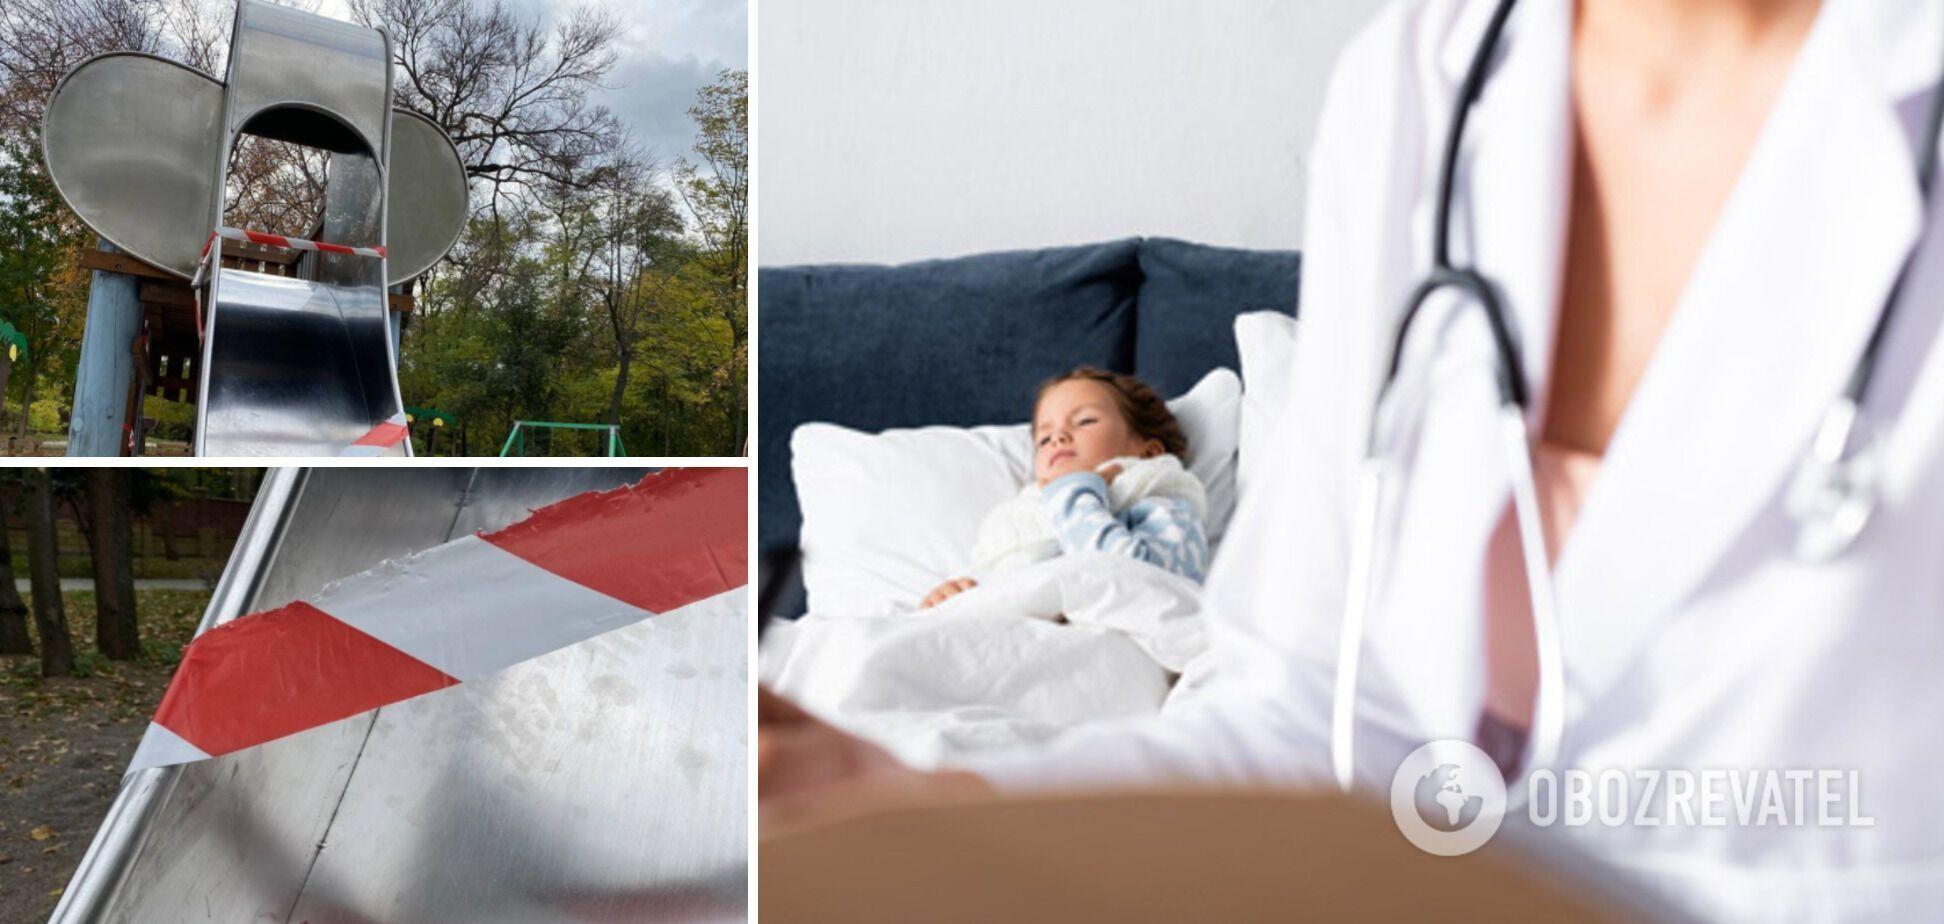 В Одесі дівчинка втратила фалангу пальця, катаючись на дитячій гірці. Фото та деталі НП